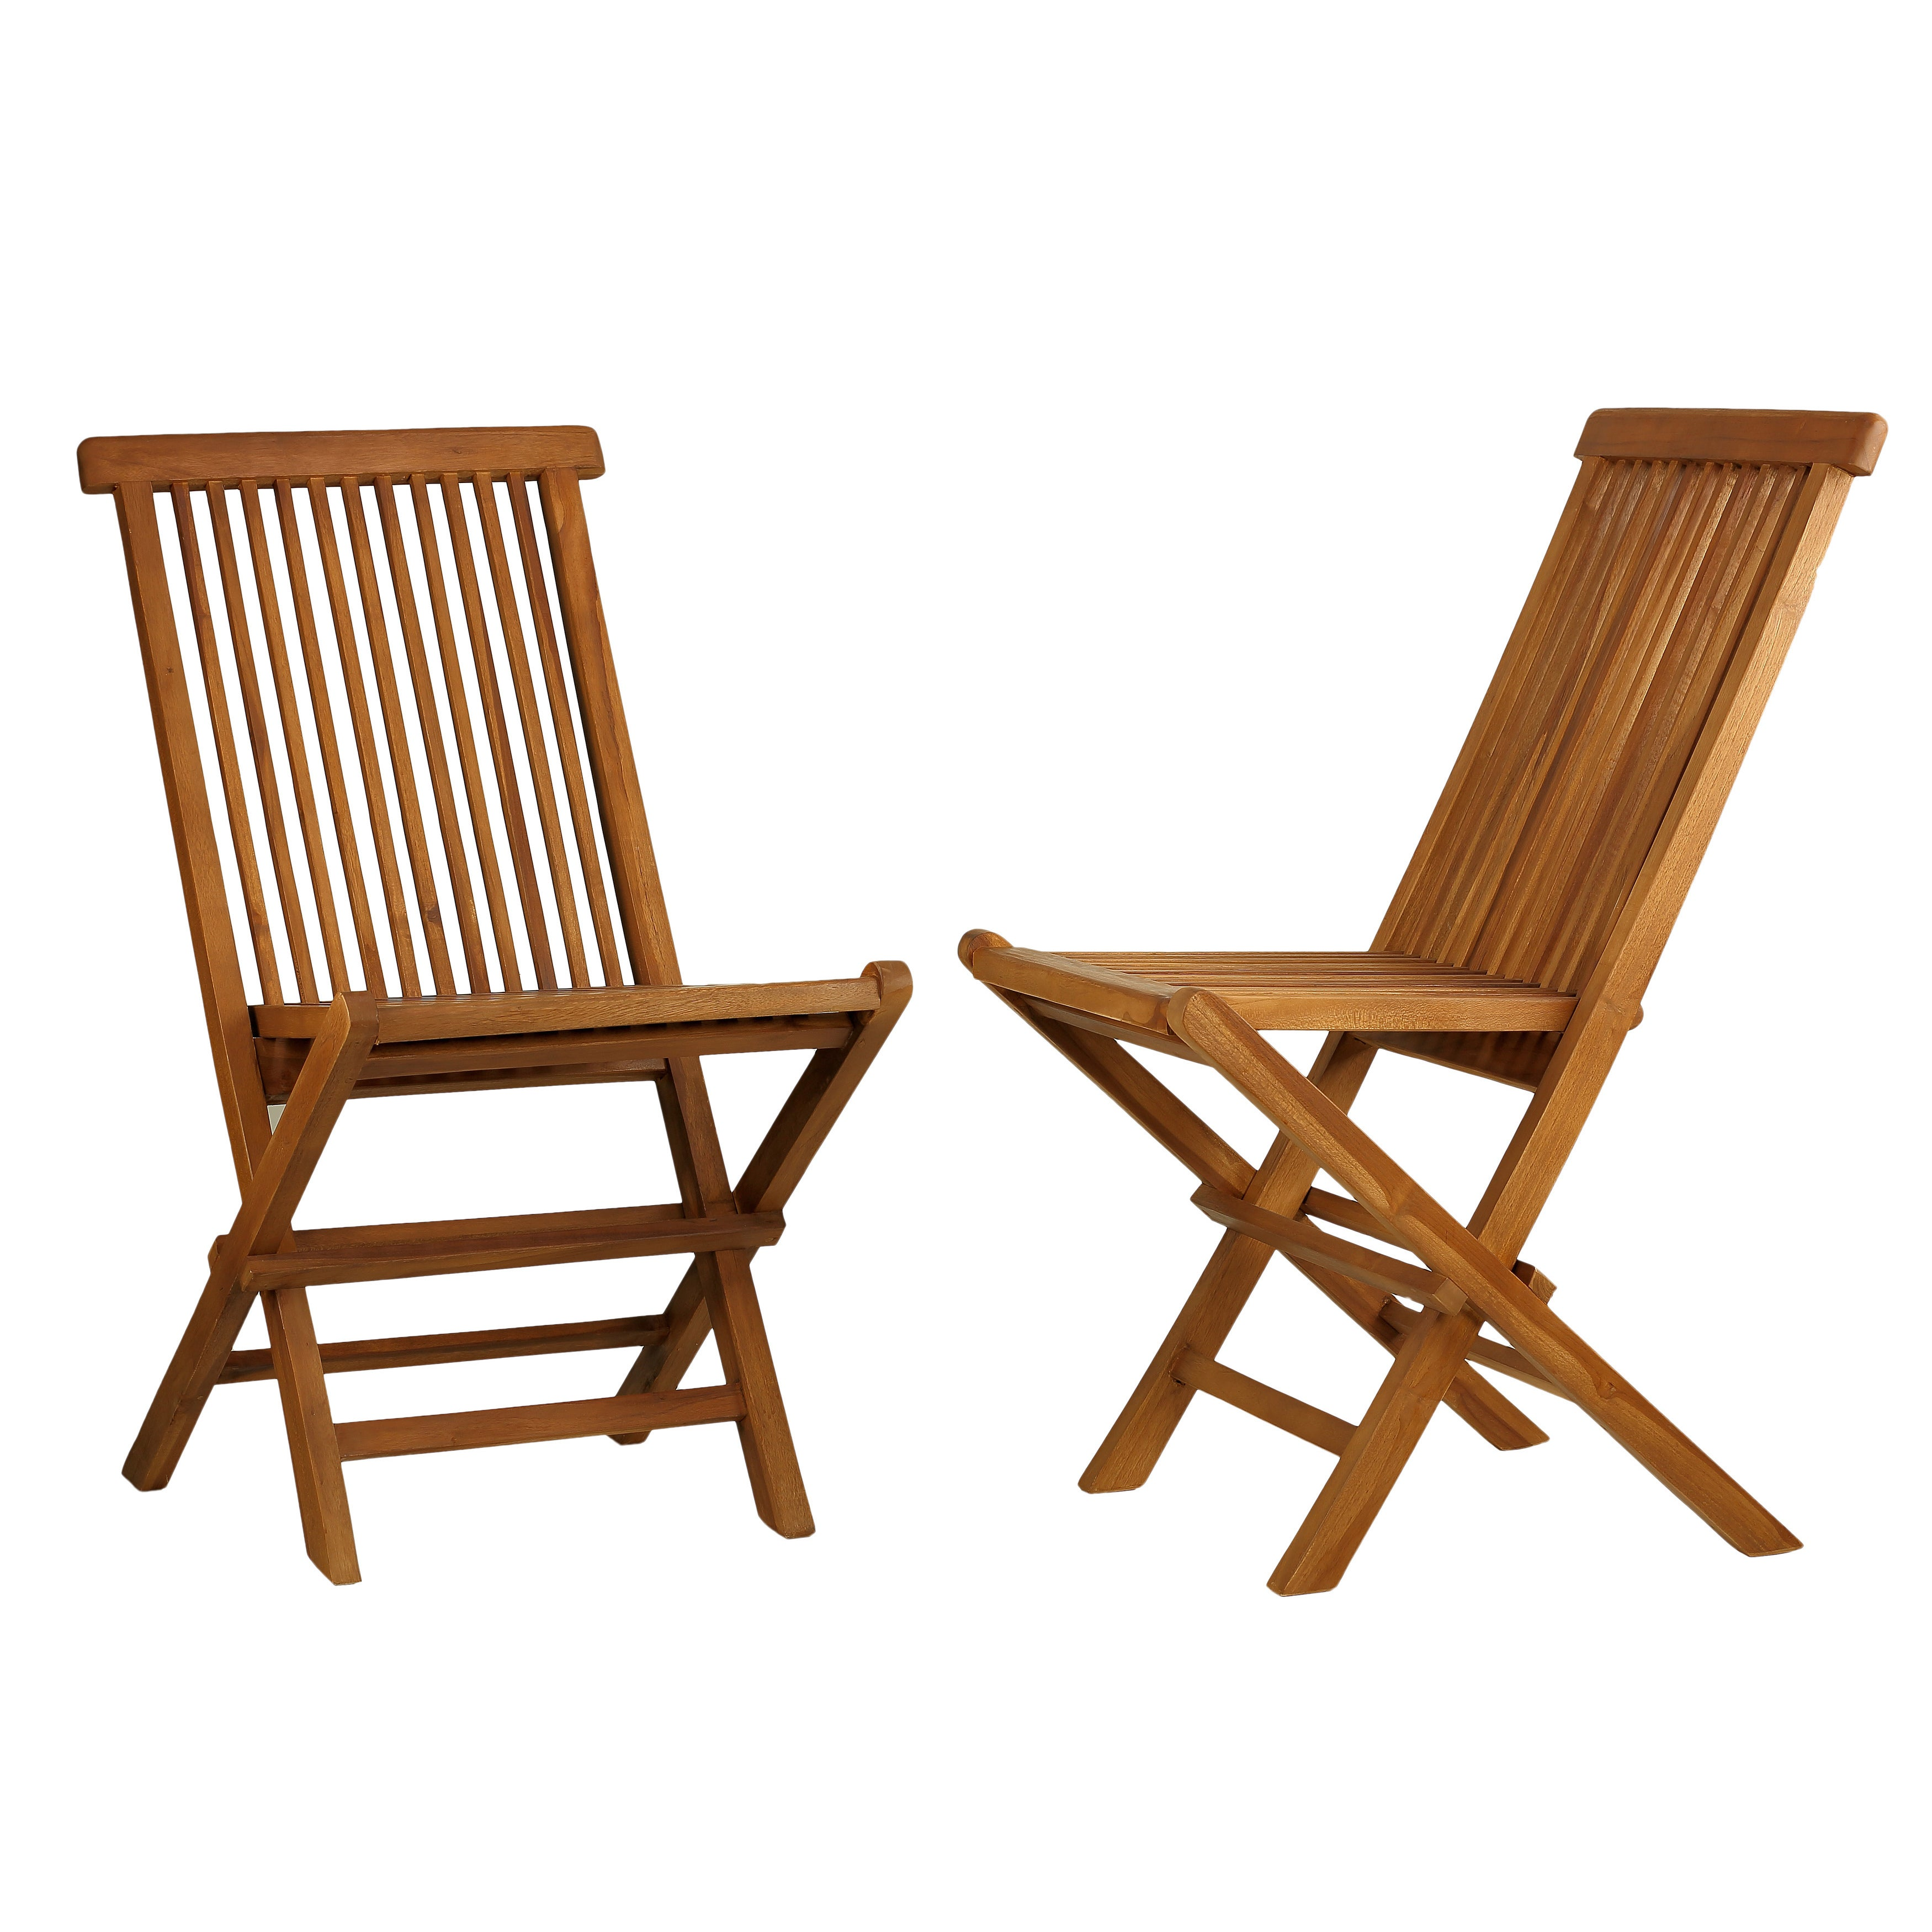 bare decor vega golden teak wood outdoor folding chair s